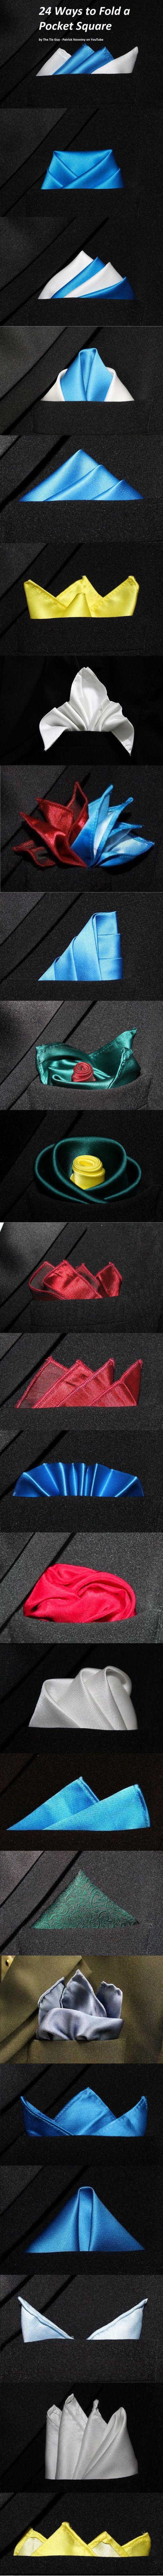 Formas de doblar un pañuelo - Infografía